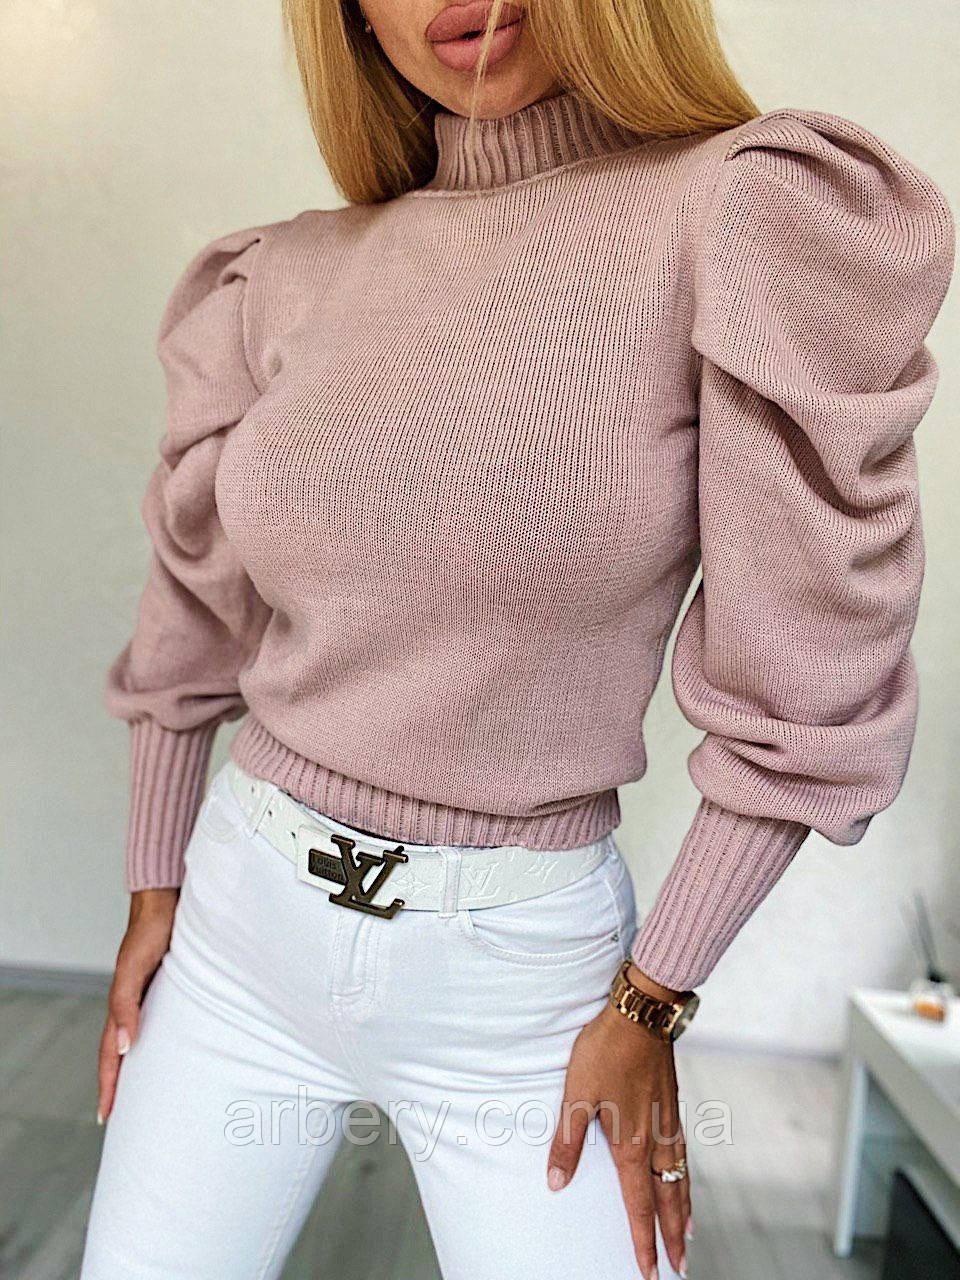 Нежный свитерок из шерстяной пряжи с объемными рукавами